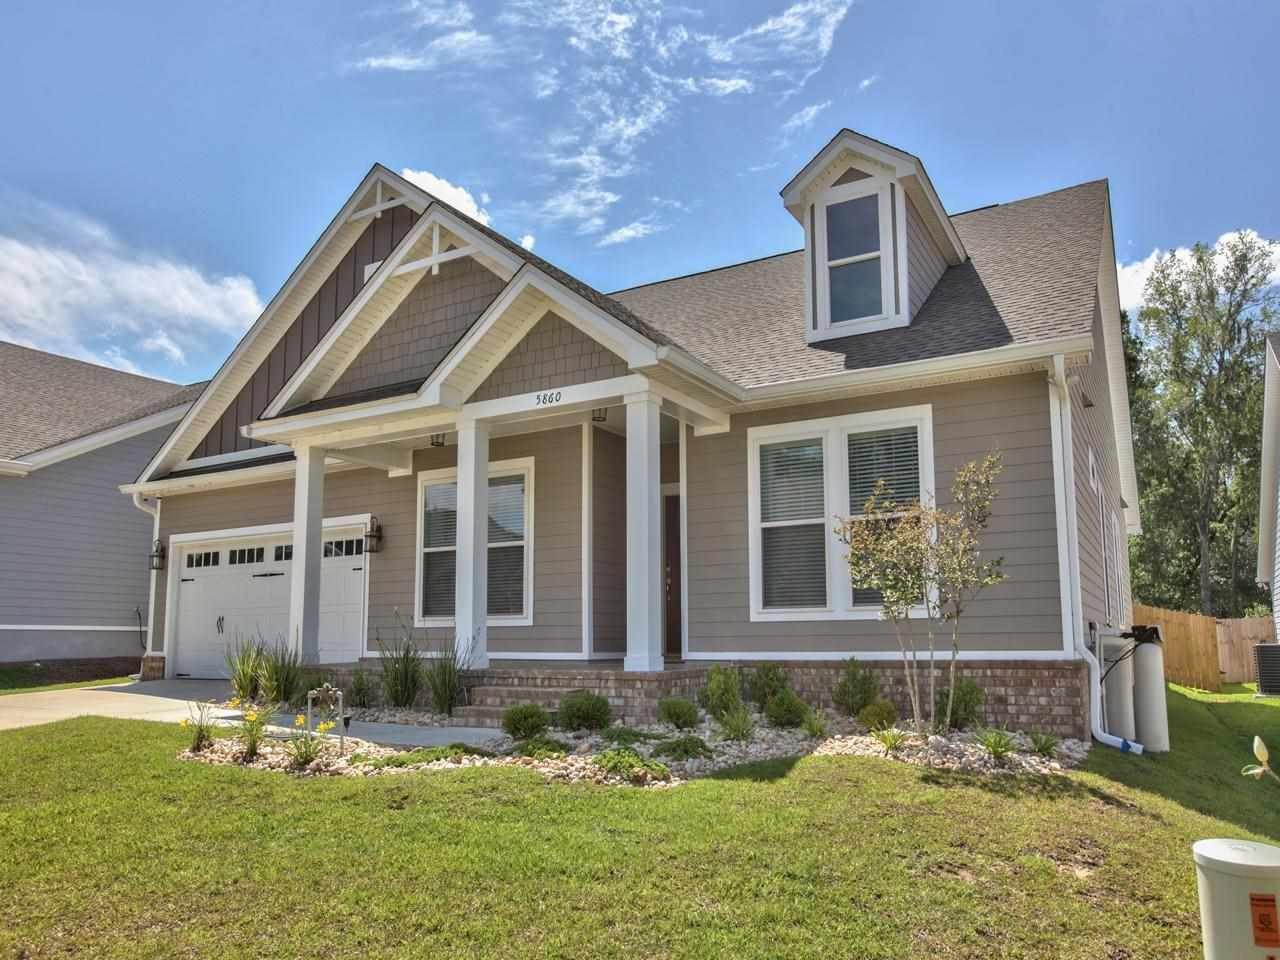 5860 Village Ridge Way, Tallahassee, FL 32312 - MLS#: 332047